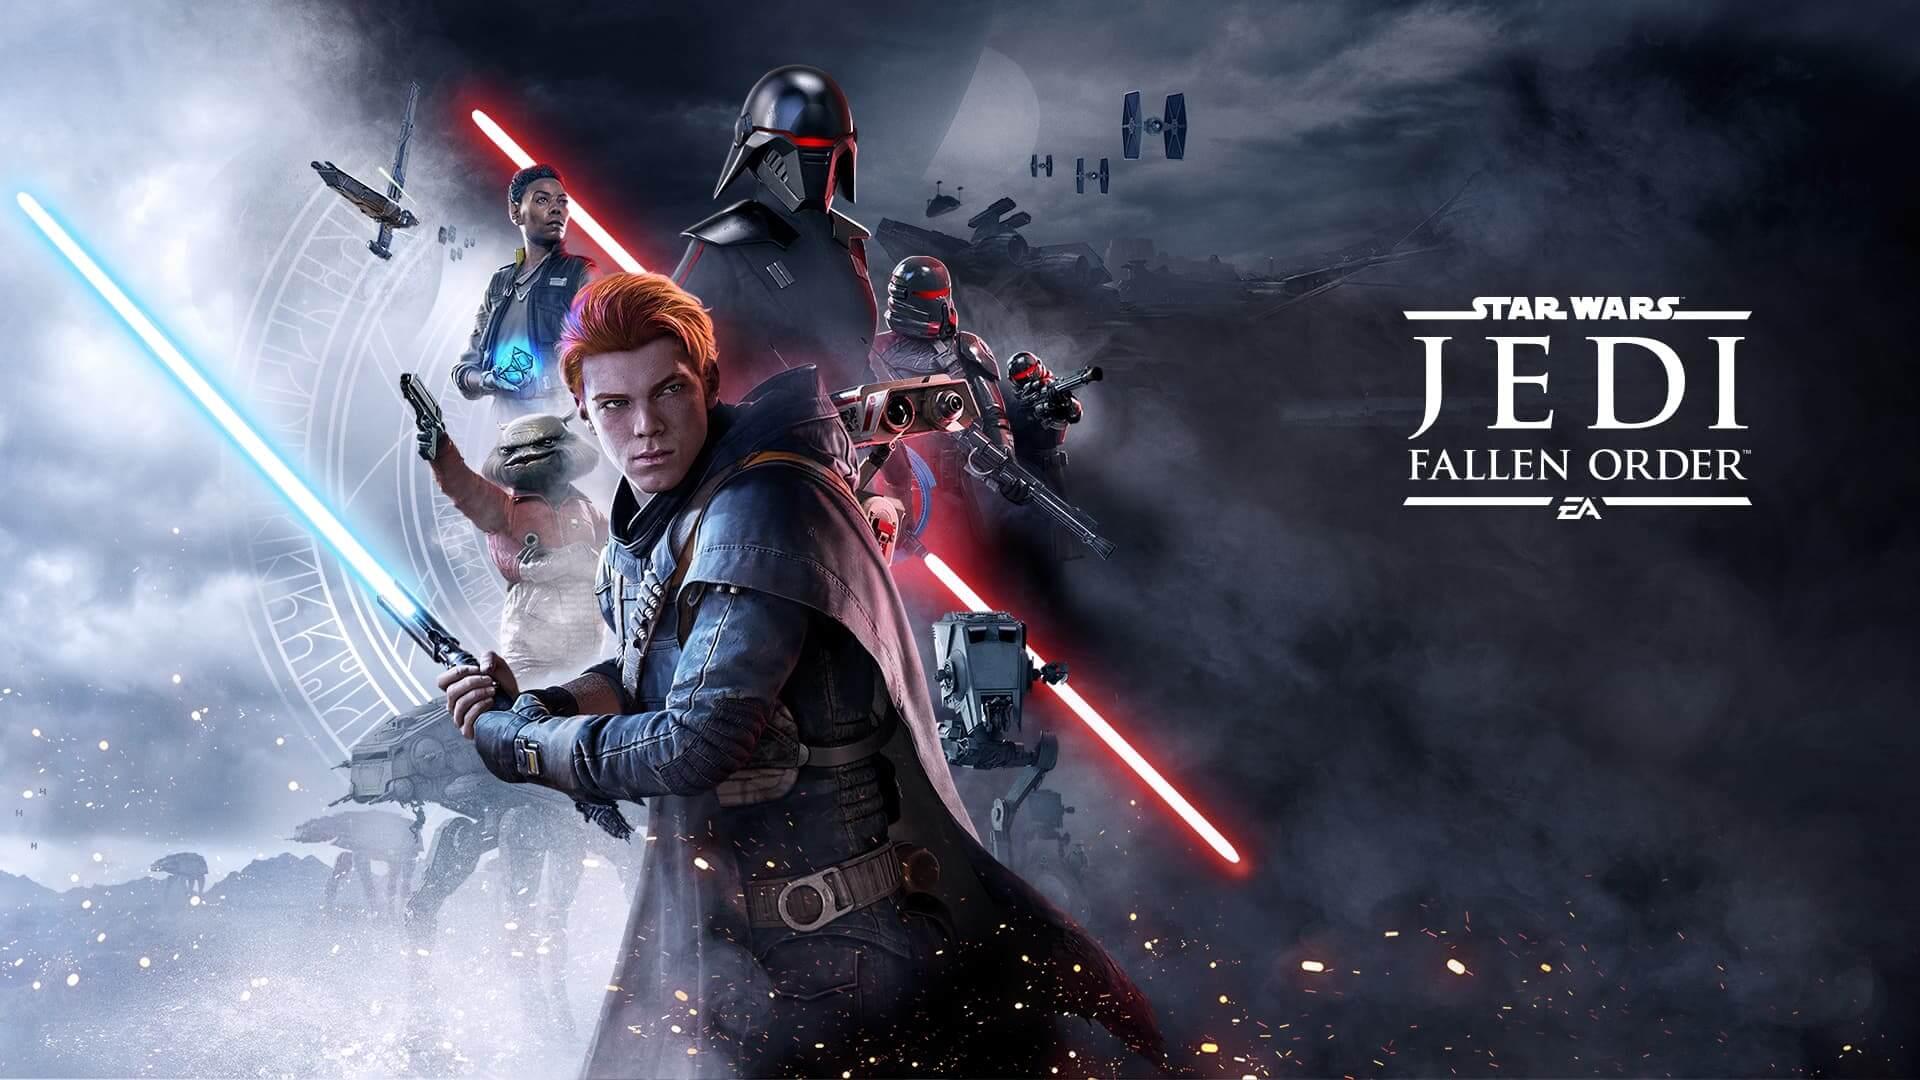 Star Wars Jedi eroritako ordena 2 lehenengo seinaleak erabiltzeko